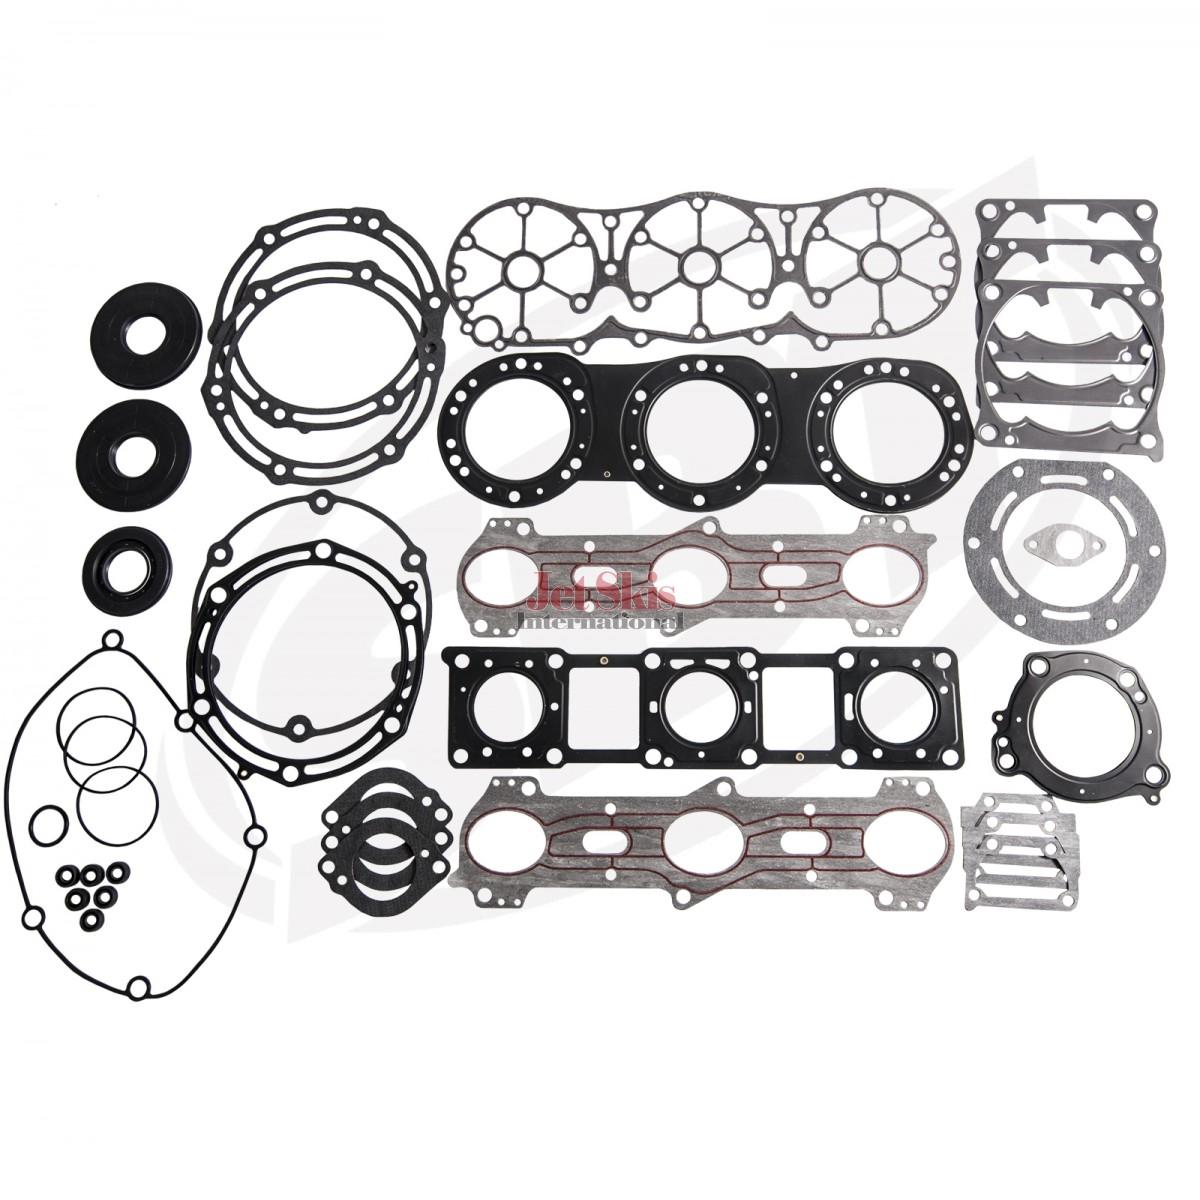 Yamaha Pv Gp R Xlt Complete Gasket Kit